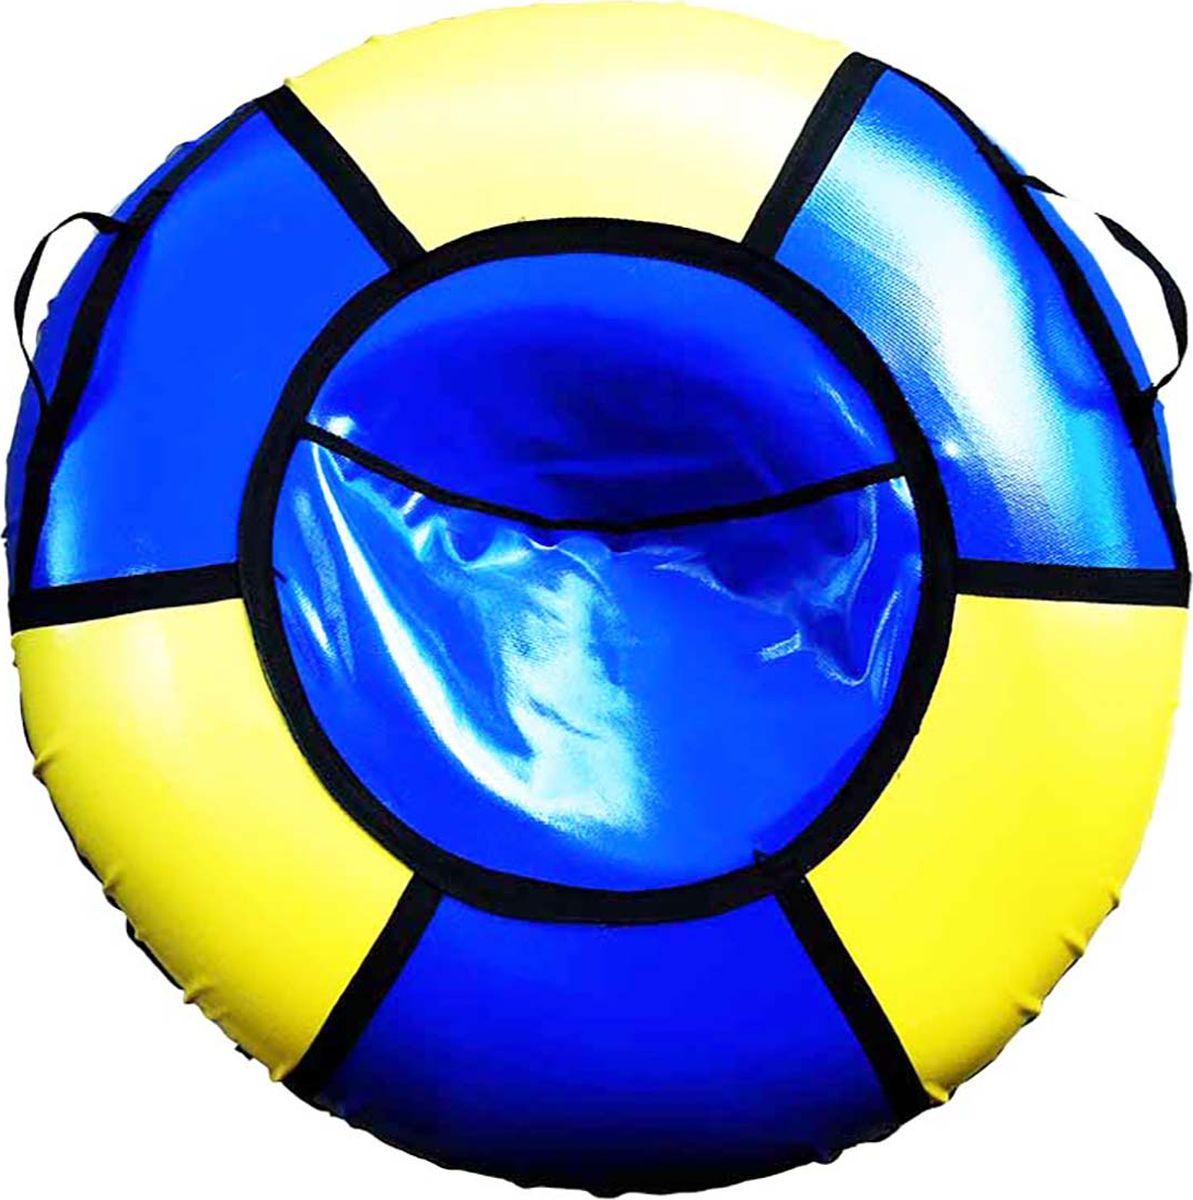 Тюбинг Эх, Прокачу! Профи-6, цвет: синий, желтый, 115 смСП115-6-2Качественные бюджетные санки-ватрушки для катания по снегу из 6 секций * размеры указаны в надутом состоянии * дно изготовлено из ткани ПВХ 630г/м2 * верх изготовлен из ткани ПВХ 630гр/м2 * камера российского производства * буксировочный ремень * морозоустойчивость -45 * допускается деформация формы санок из-за неравномерности надутия камеры